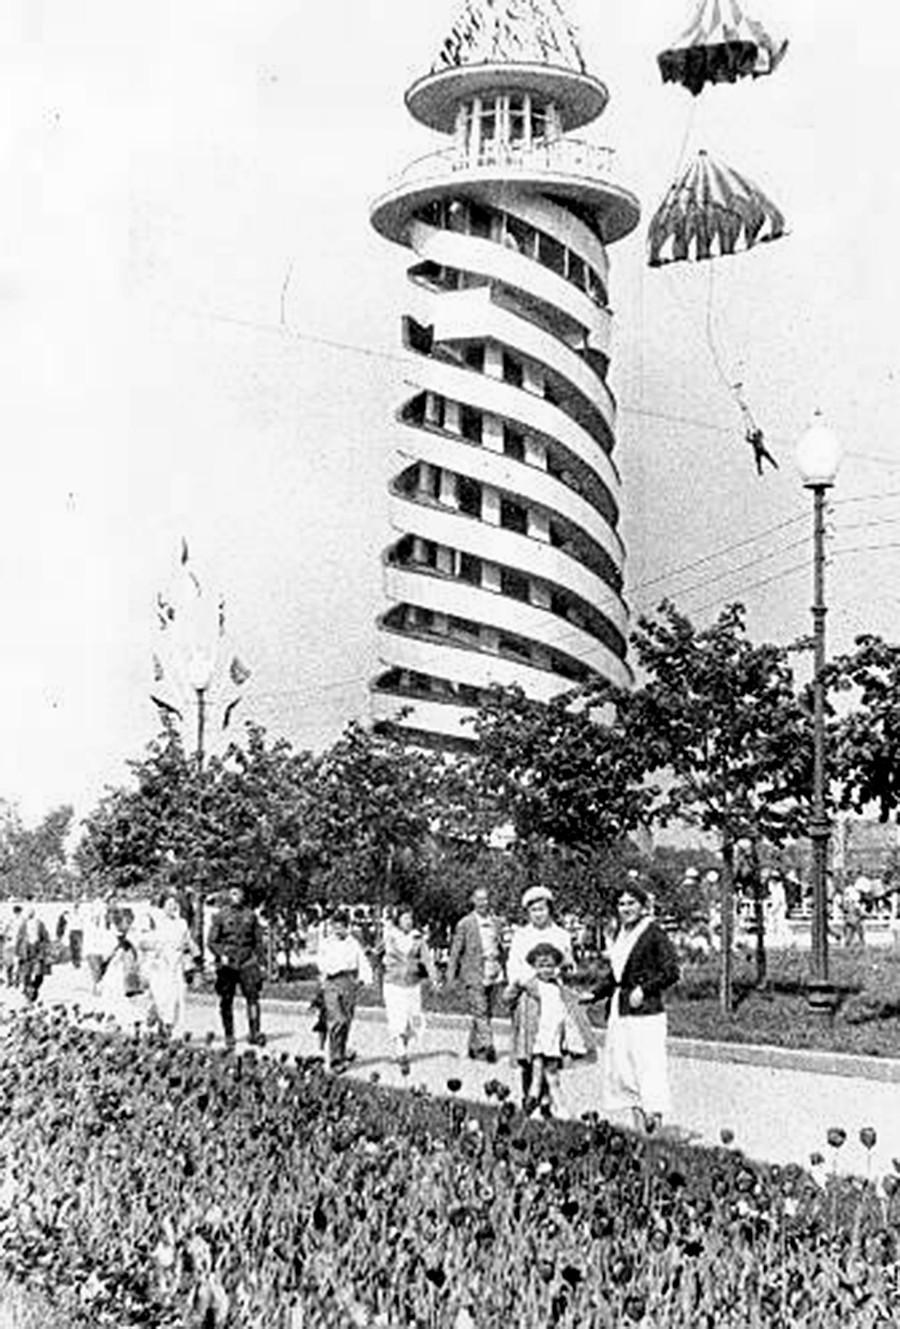 Padalski stolp v parku Gorki, 30-ta leta prejšnjega stoletja.